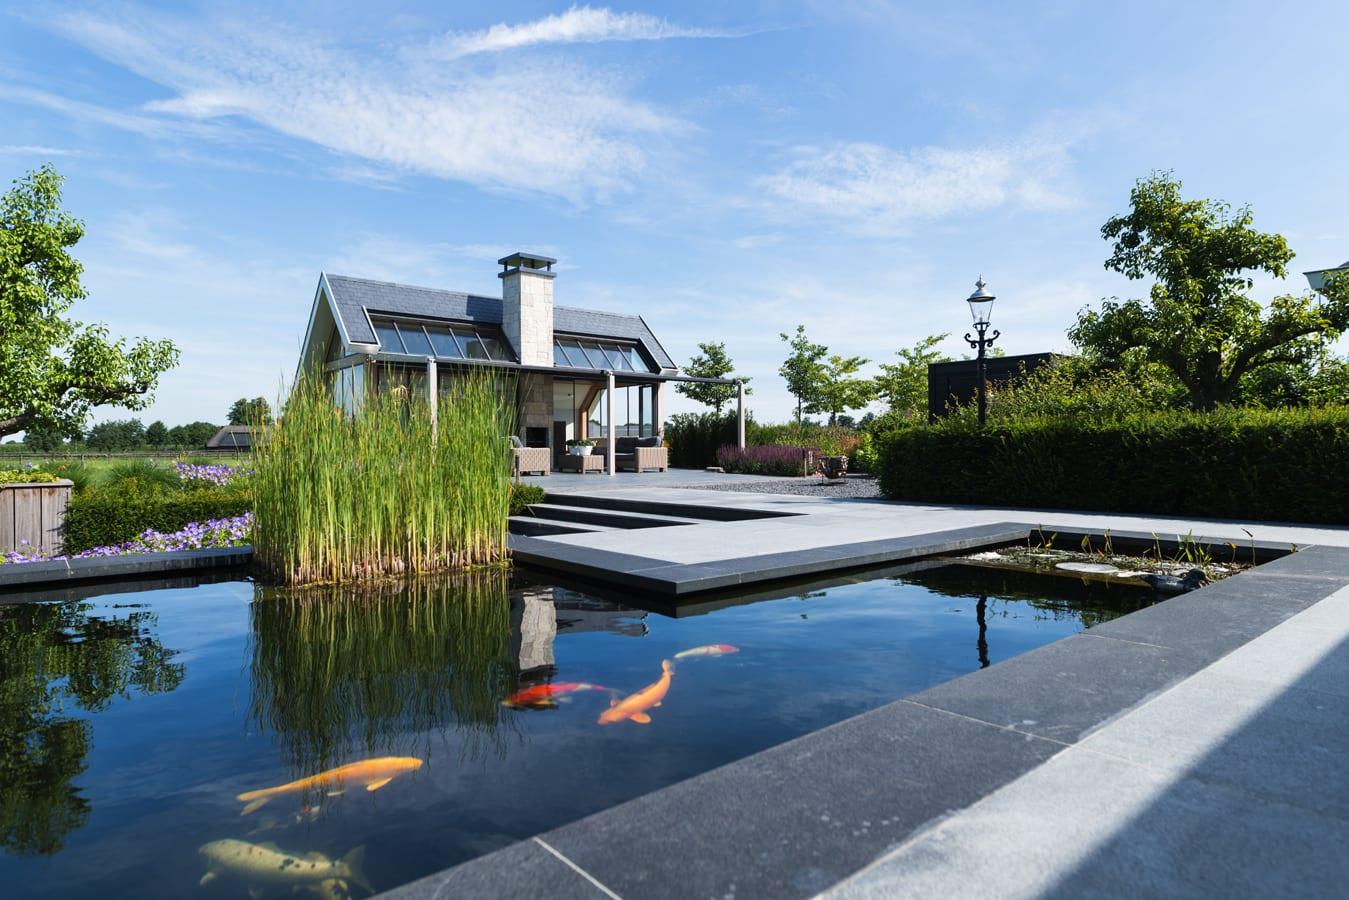 Poolhouse Van van Ee